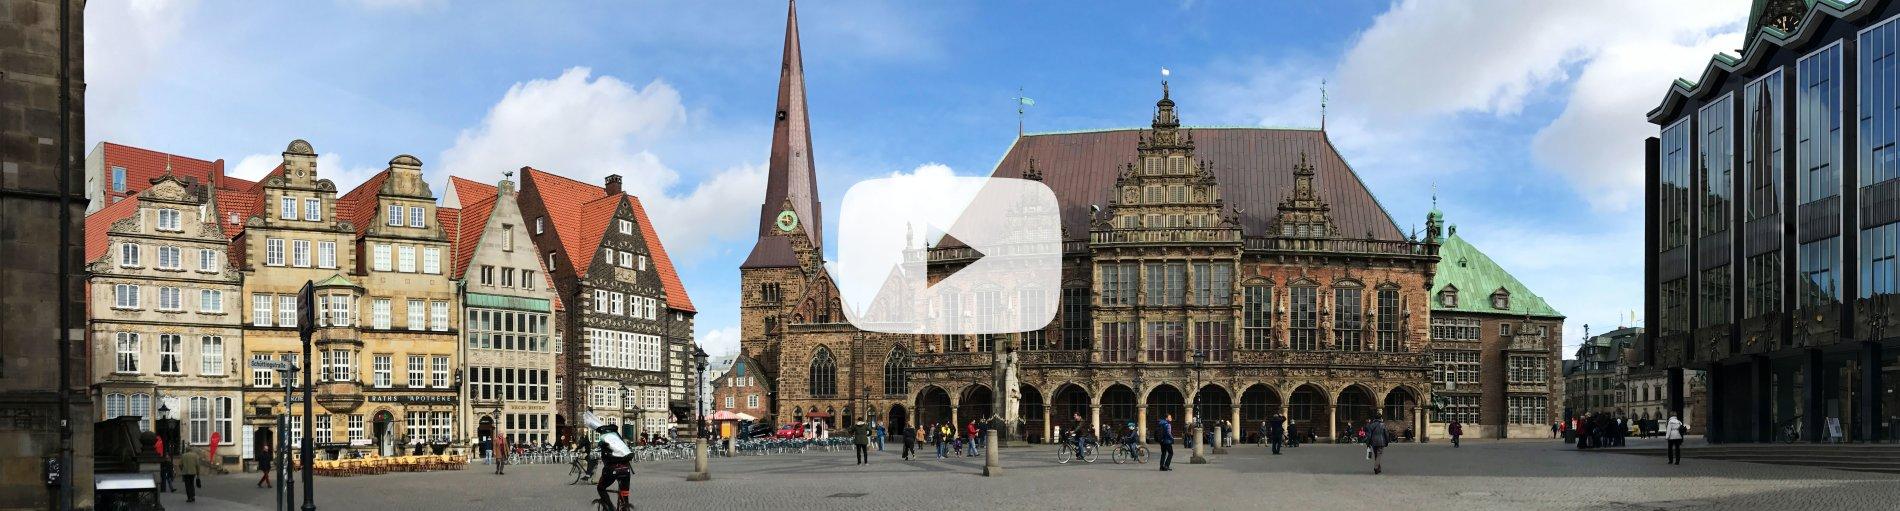 Eine Panoramaaufnahme des Bremer Marktplatzes. In der Mitte des Bildes befindet sich ein weißes, rechteckiges Logo.